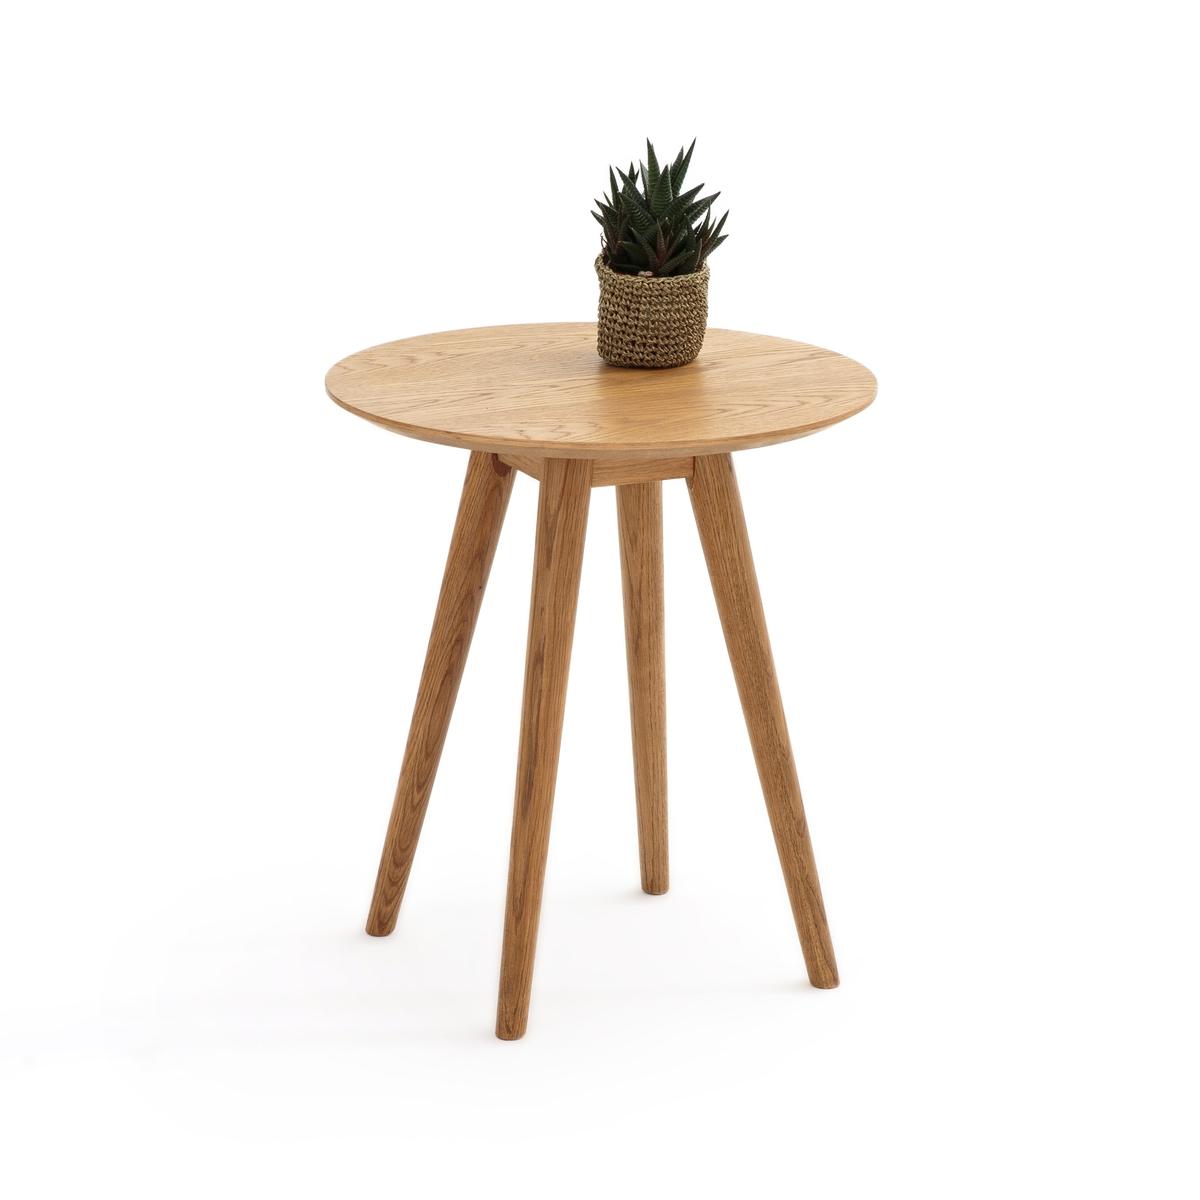 Столик La Redoute Журнальный из дуба QUILDA единый размер каштановый столик журнальный girgarre из массива дуба